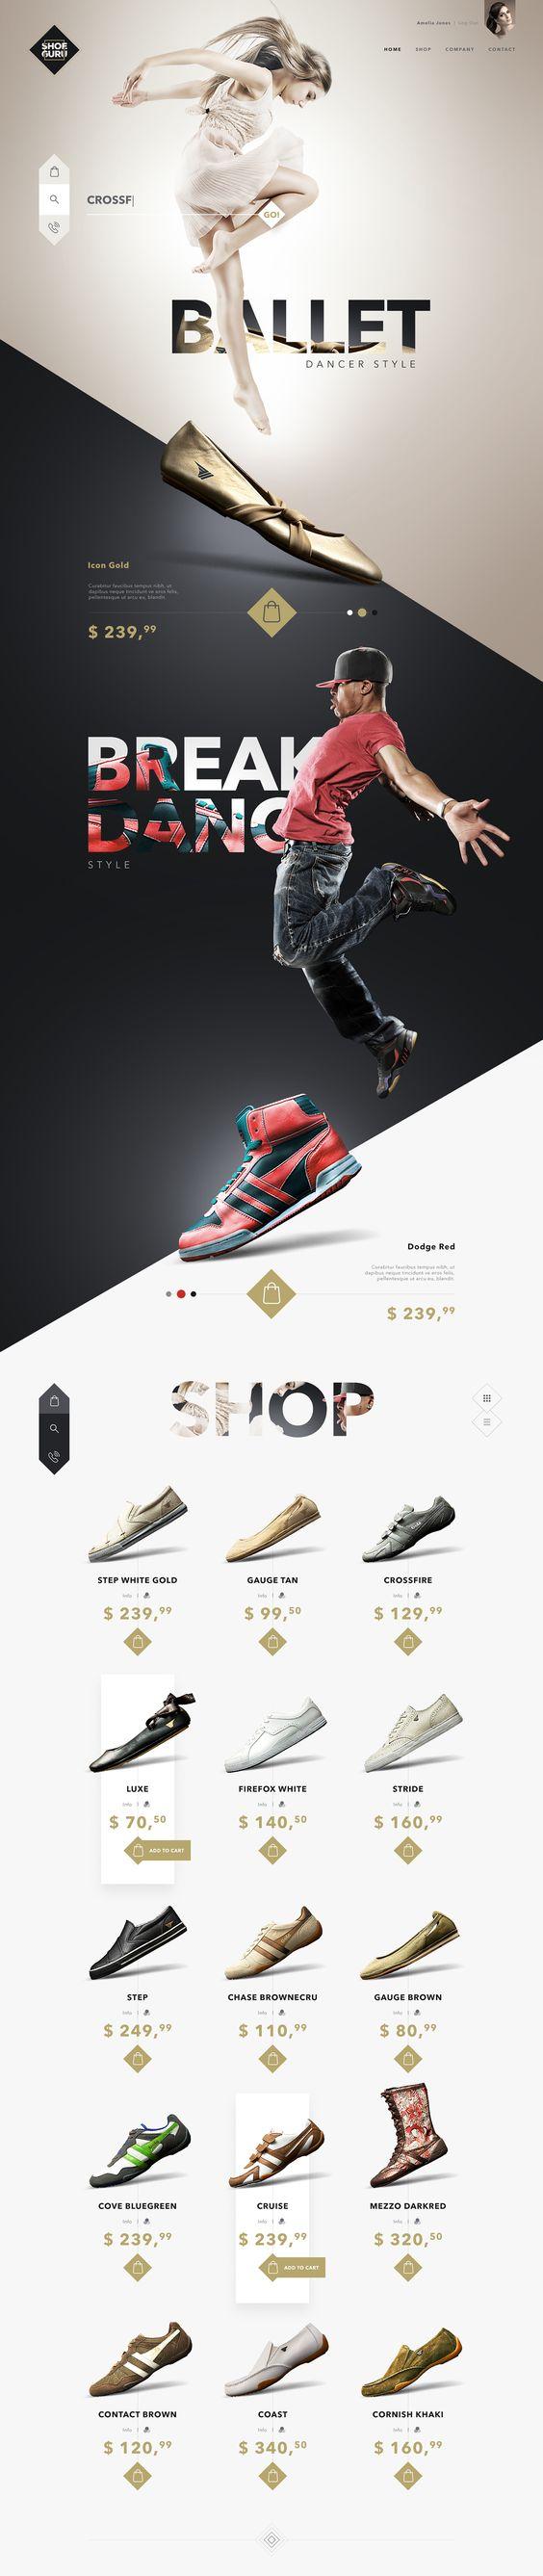 Web design inspiration #inspiração